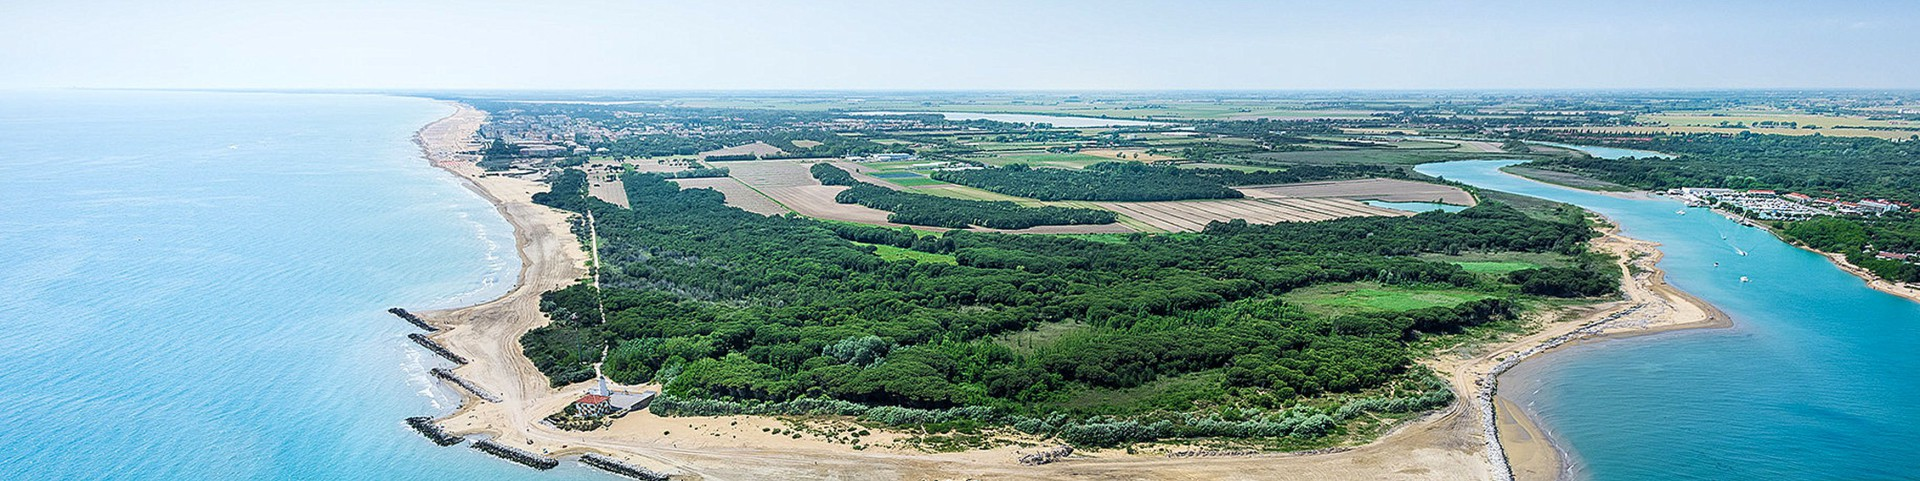 V popředí přírodní rezervace a řeka Tagliamento, vlevo v dáli část Bibione Lido dei Pini